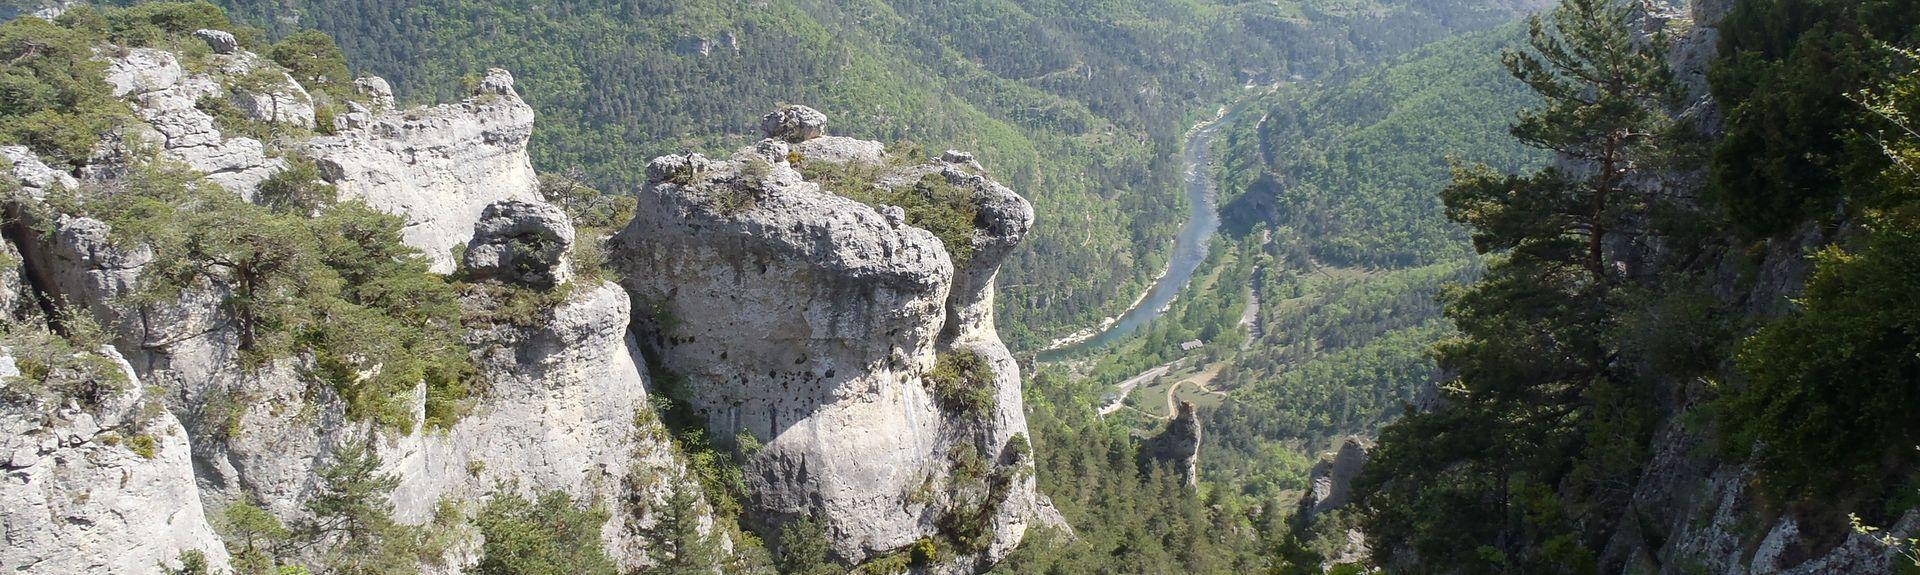 Gorges du Tarn (rotko), Saint-Pierre-des-Tripiers, Occitanie, Ranska